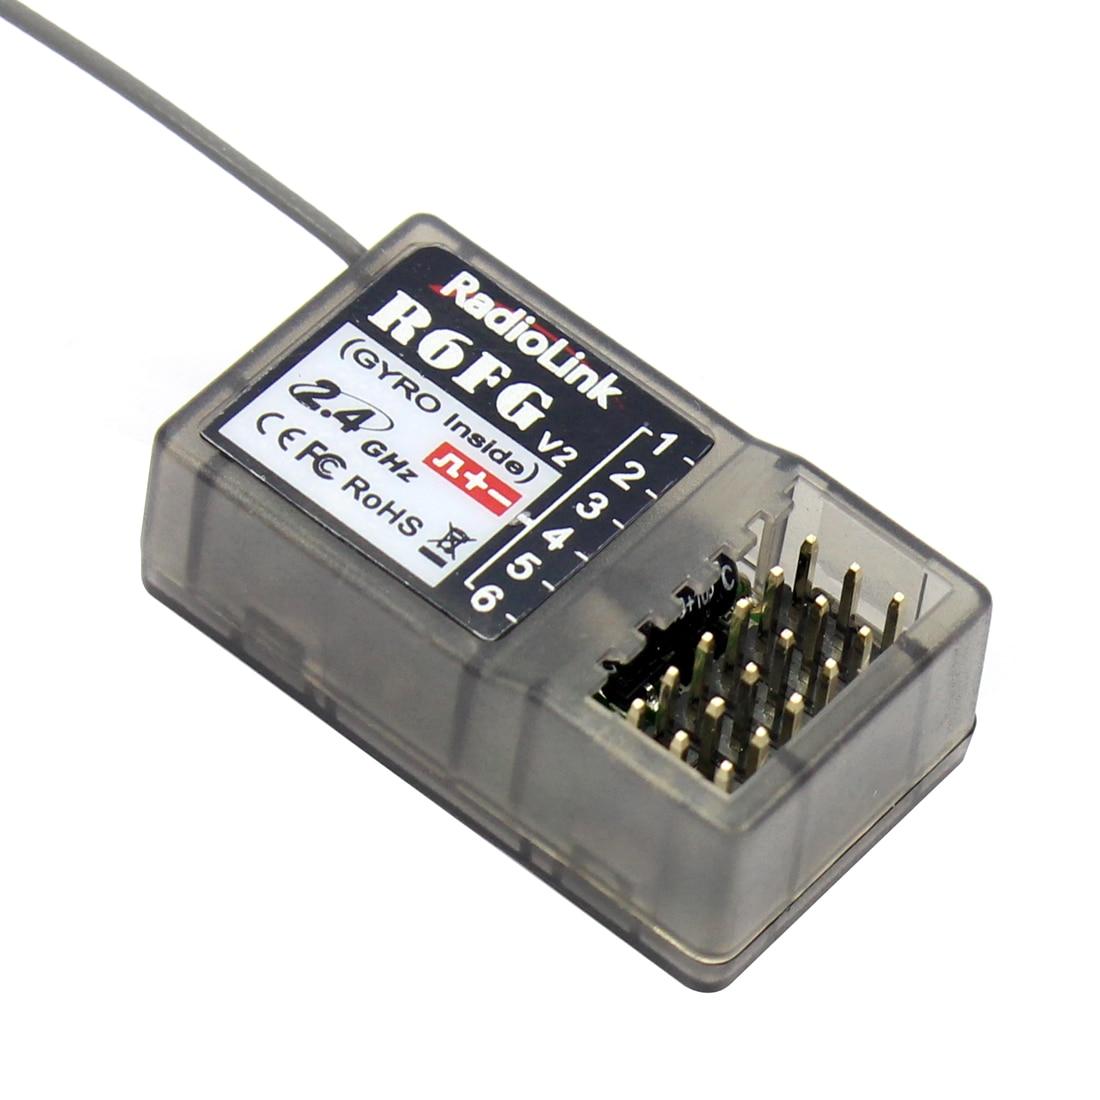 Radiolink r6fg v2 2.4 ghz 6 ch fhss receptor giroscópio de alta tensão integrado para rc4gs rc3s rc4g t8fb rc6gs transmissor rc carro barco